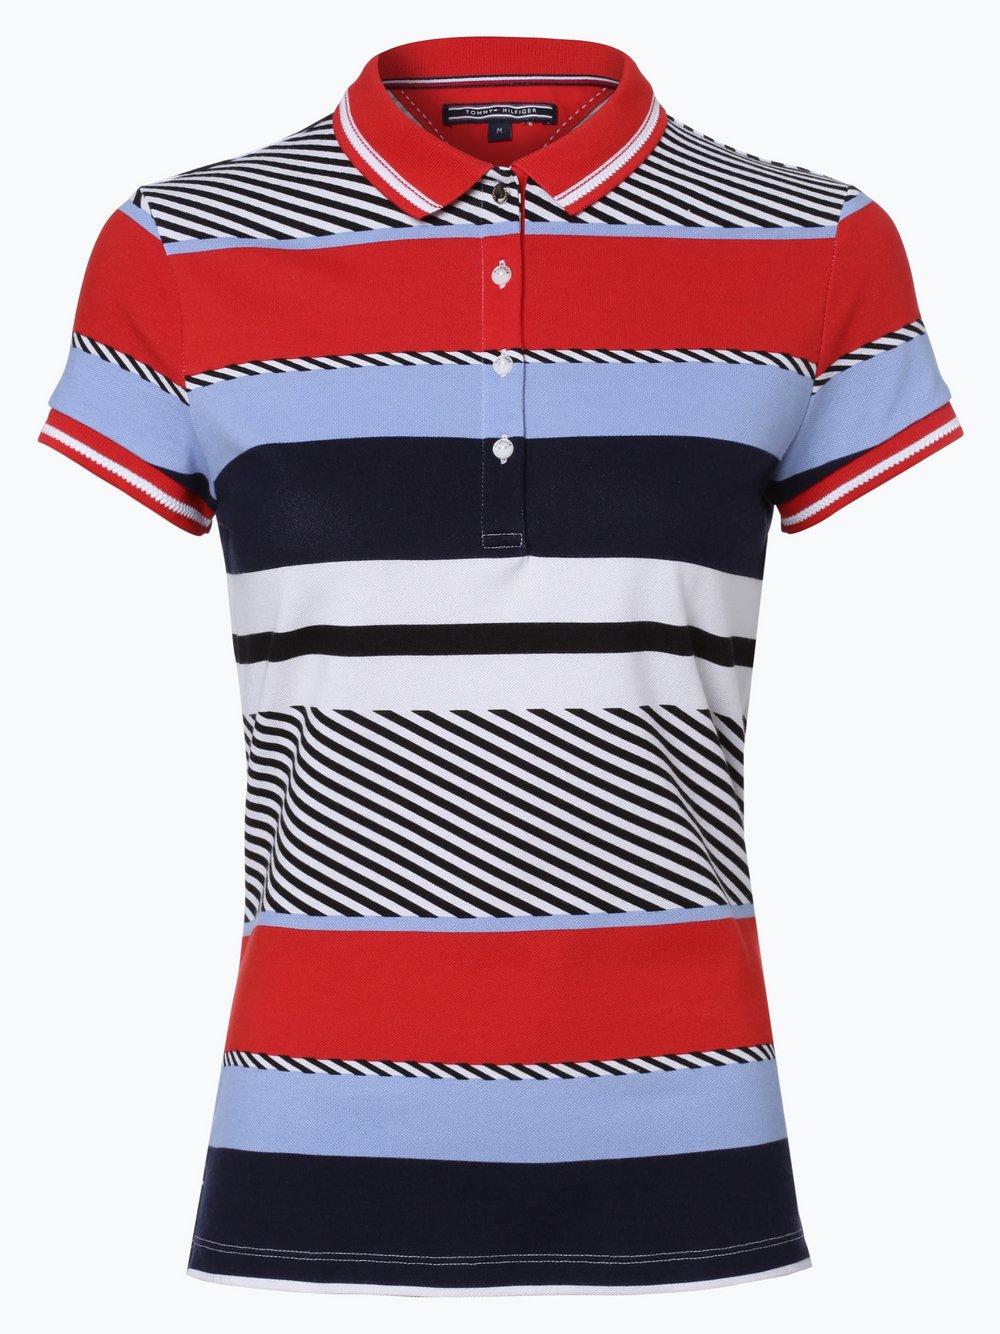 angemessener Preis lebendig und großartig im Stil beliebte Marke Tommy Hilfiger Damen Poloshirt online kaufen | VANGRAAF.COM